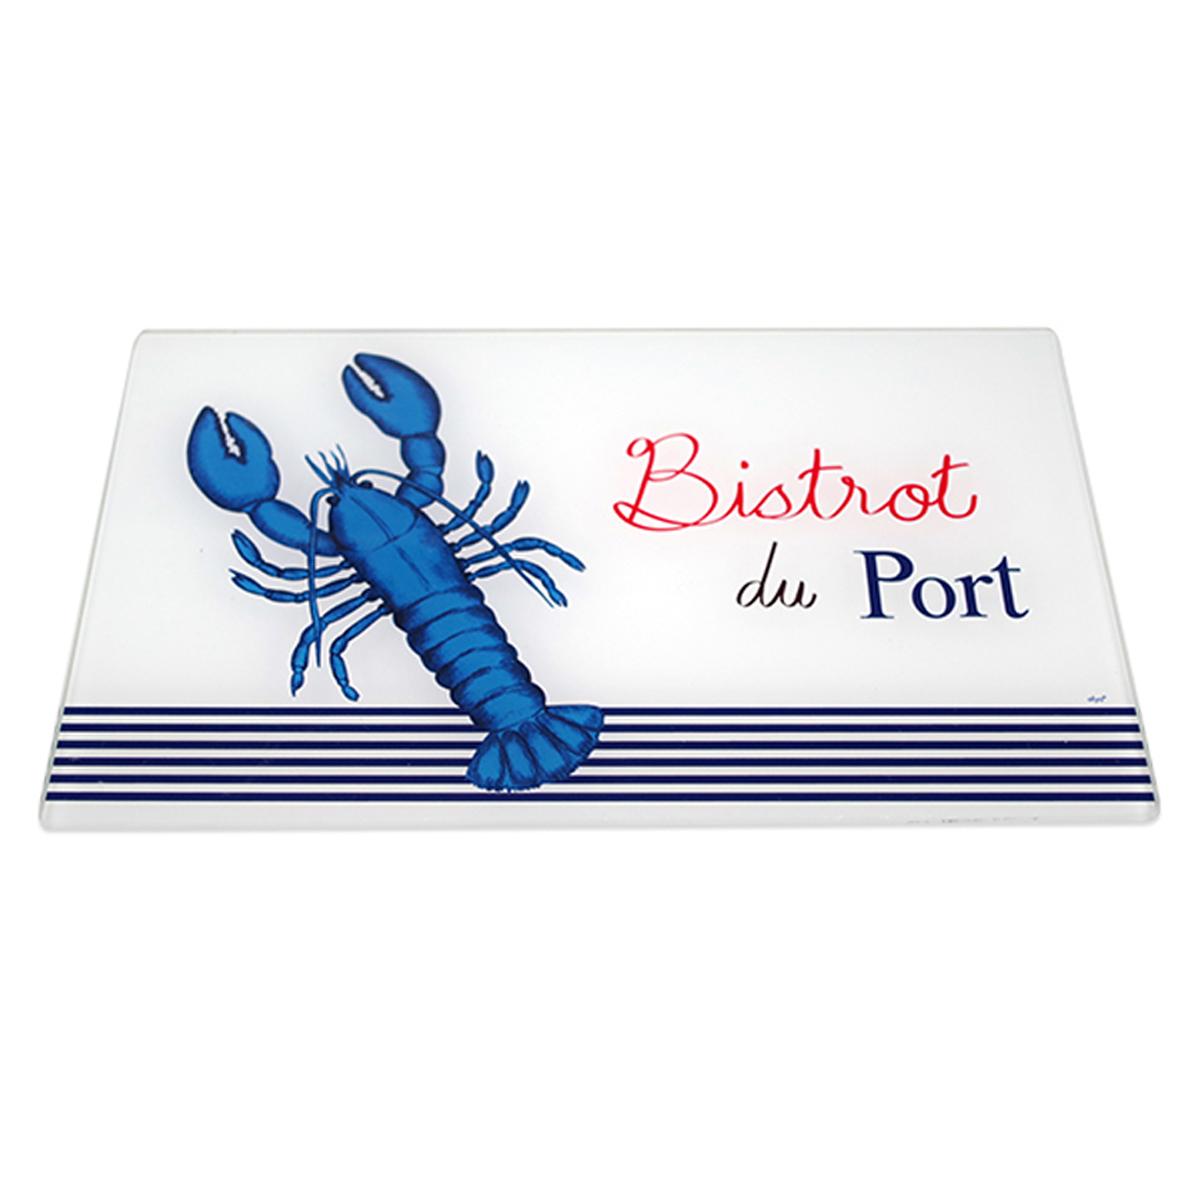 Planche à découpe / dessous de plat verre  \'Bistrot du Port\' bleu blanc (homard) - 30x20 cm - [A2468]